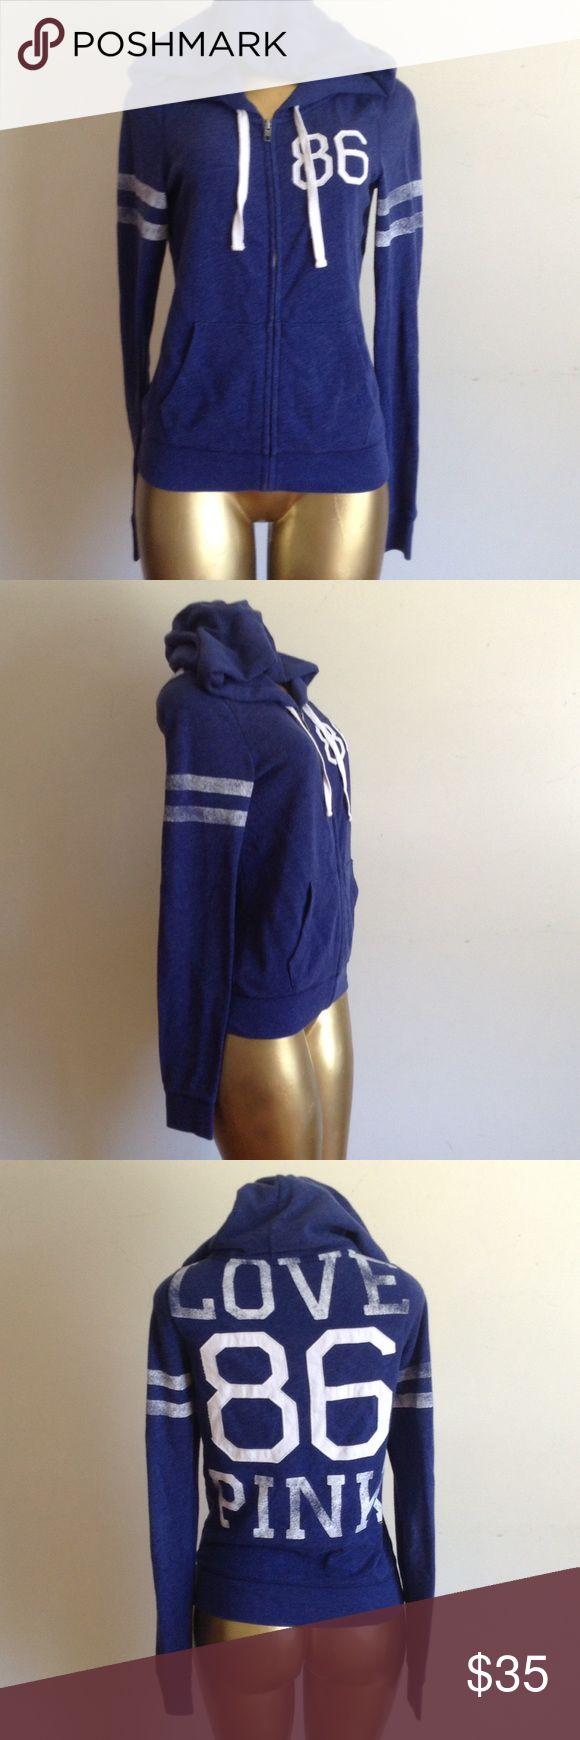 🌹 PINK ZIP UP JACKET HOODIE 🌹 🌹 VICTORIA'S SECRET PINK BLUE AND WHITE ZIP UP HOOED JACKET 🌹 PINK Victoria's Secret Jackets & Coats